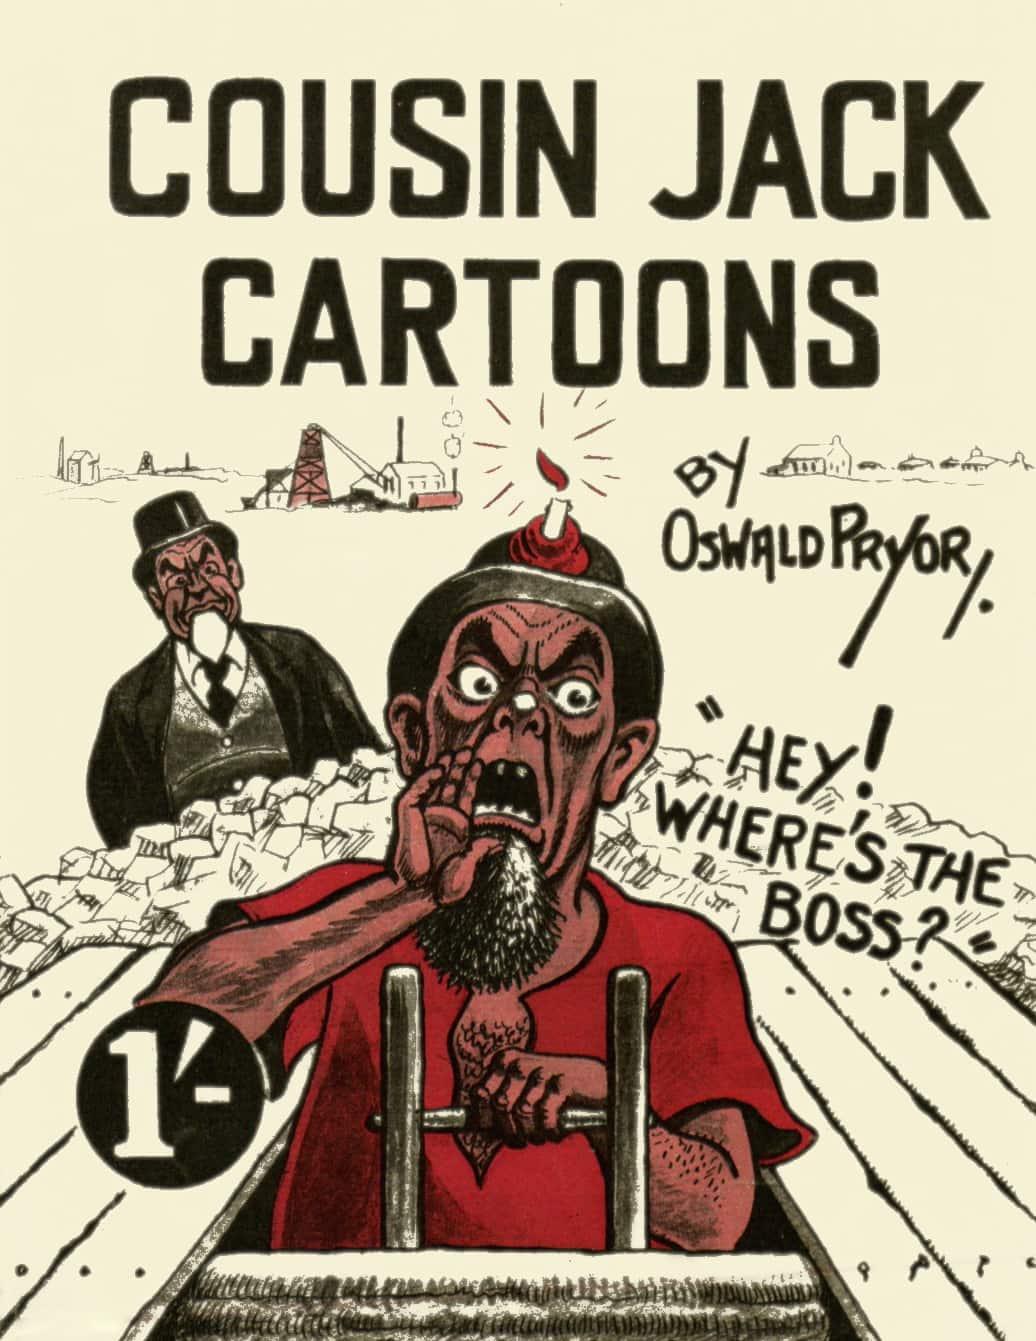 Cartoon satirising the cult of Cousin Jack in Australia